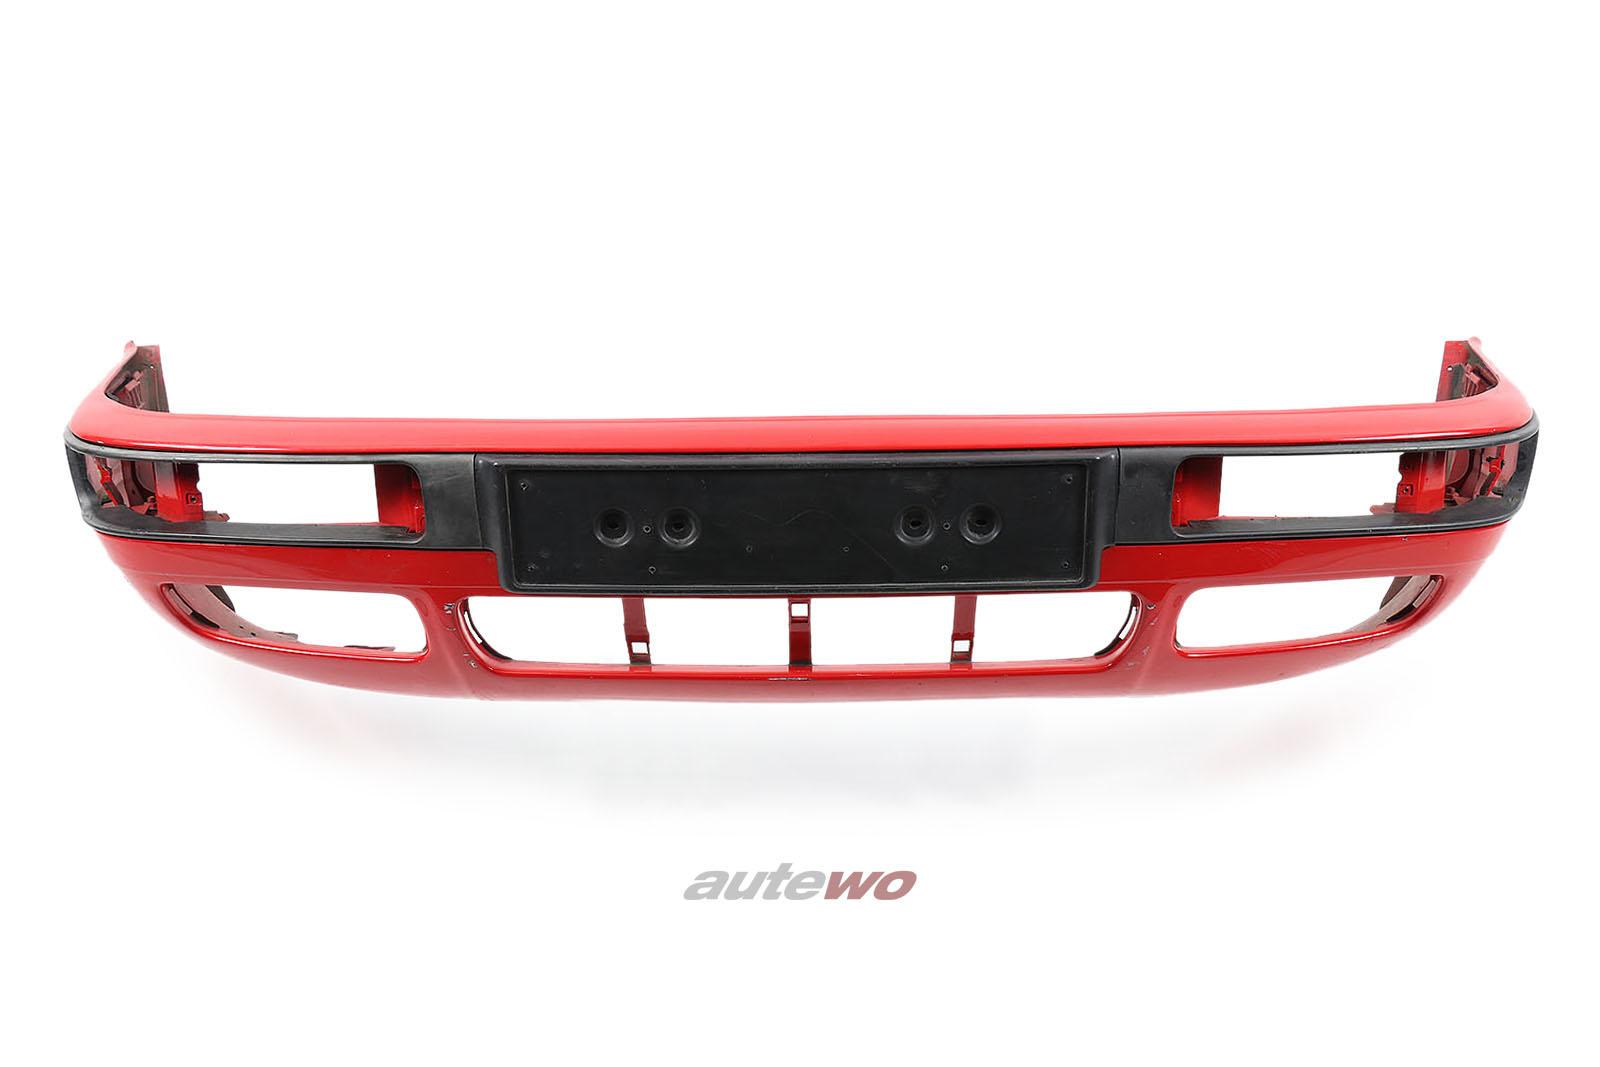 8A0807103H Audi 80 B4 Frontstoßstange für NSW & Blinker Vorne Rot